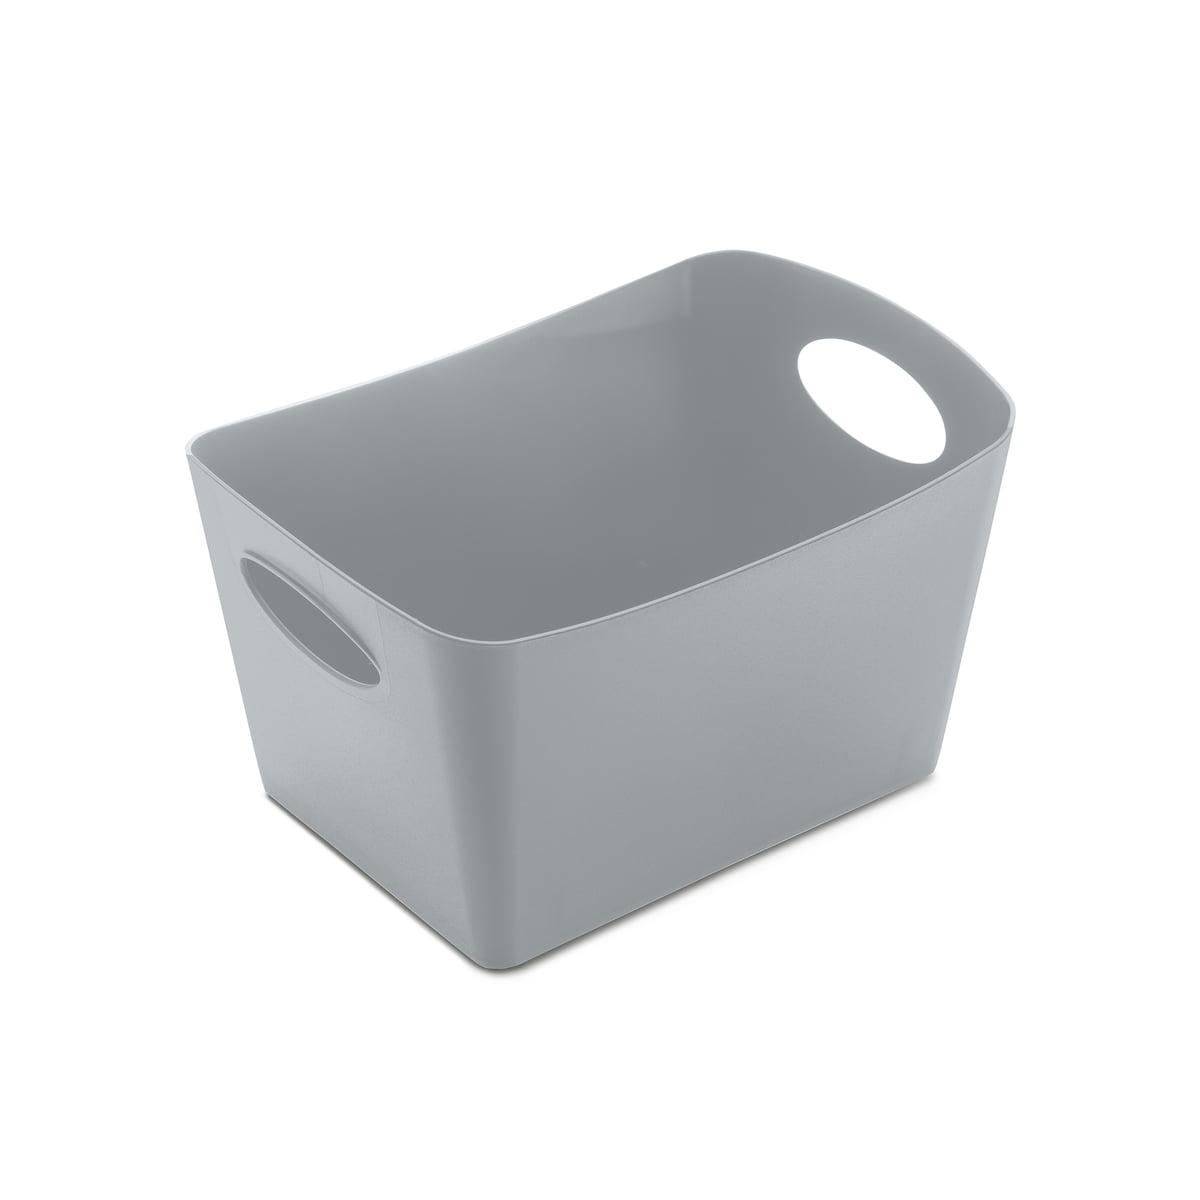 Koziol - Boxxx S Aufbewahrungsbox, grau | Garten > Gartenmöbel > Aufbewahrung | Grau | Koziol